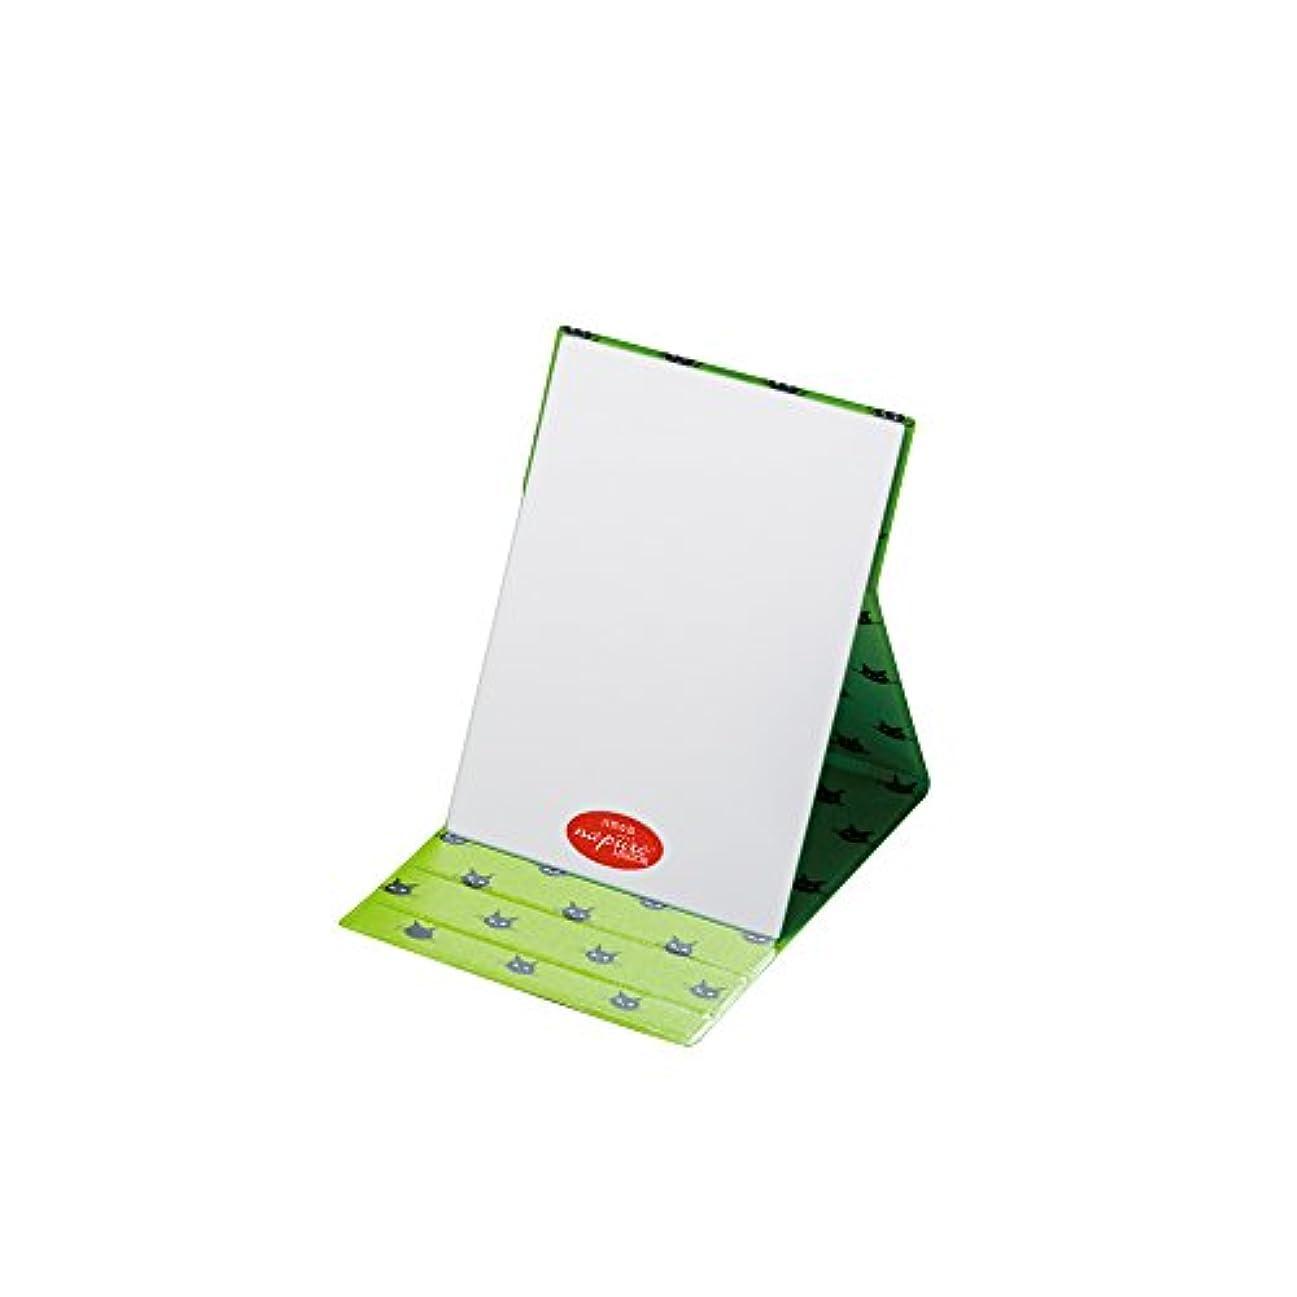 マウスピース振るこだわりプロモデル折立ナピュアミラーココランドドット緑